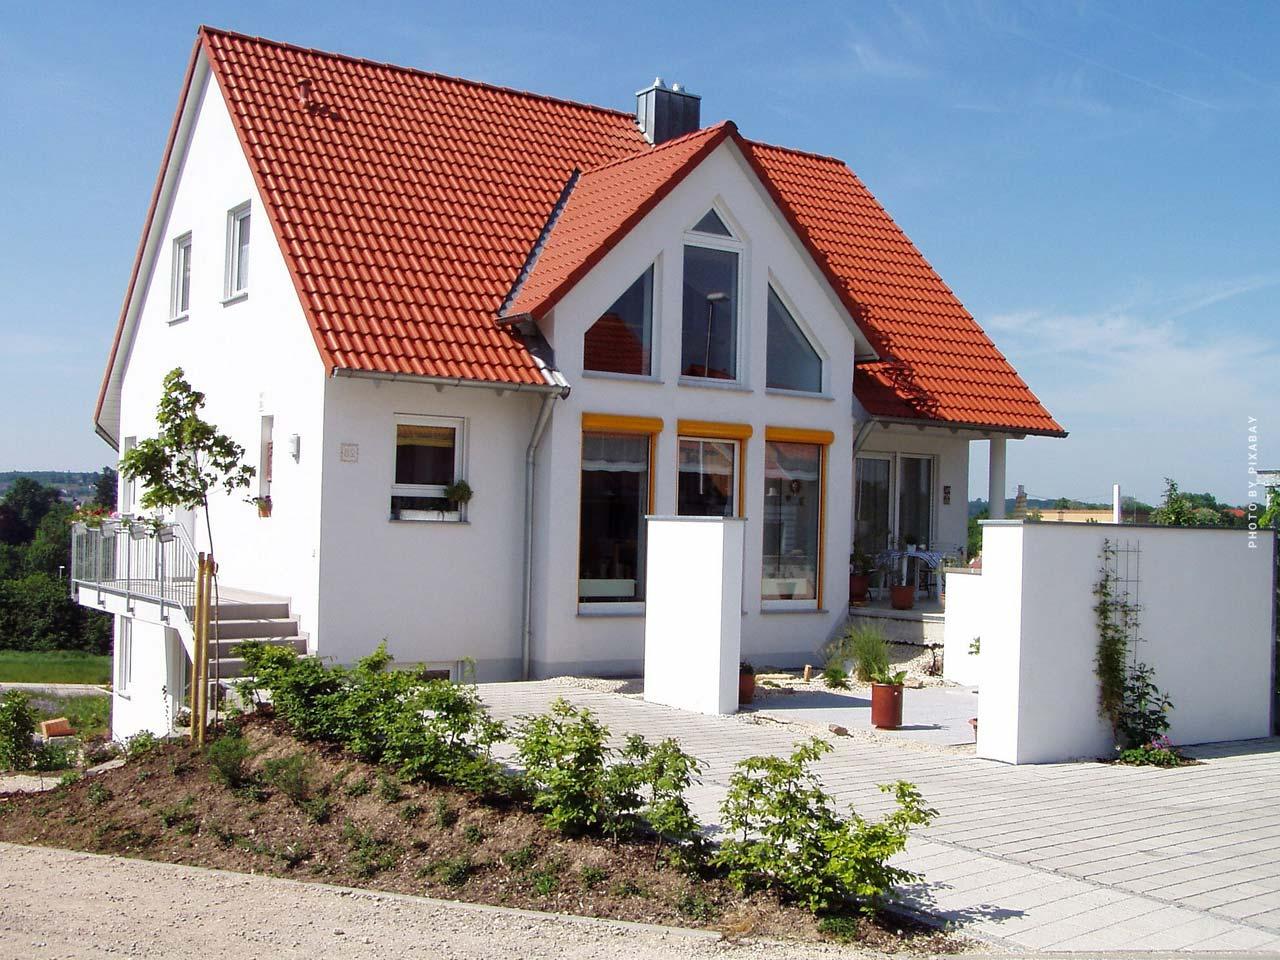 Kaus kaufen Heinsberg: Planen, Kosten bis Bauen